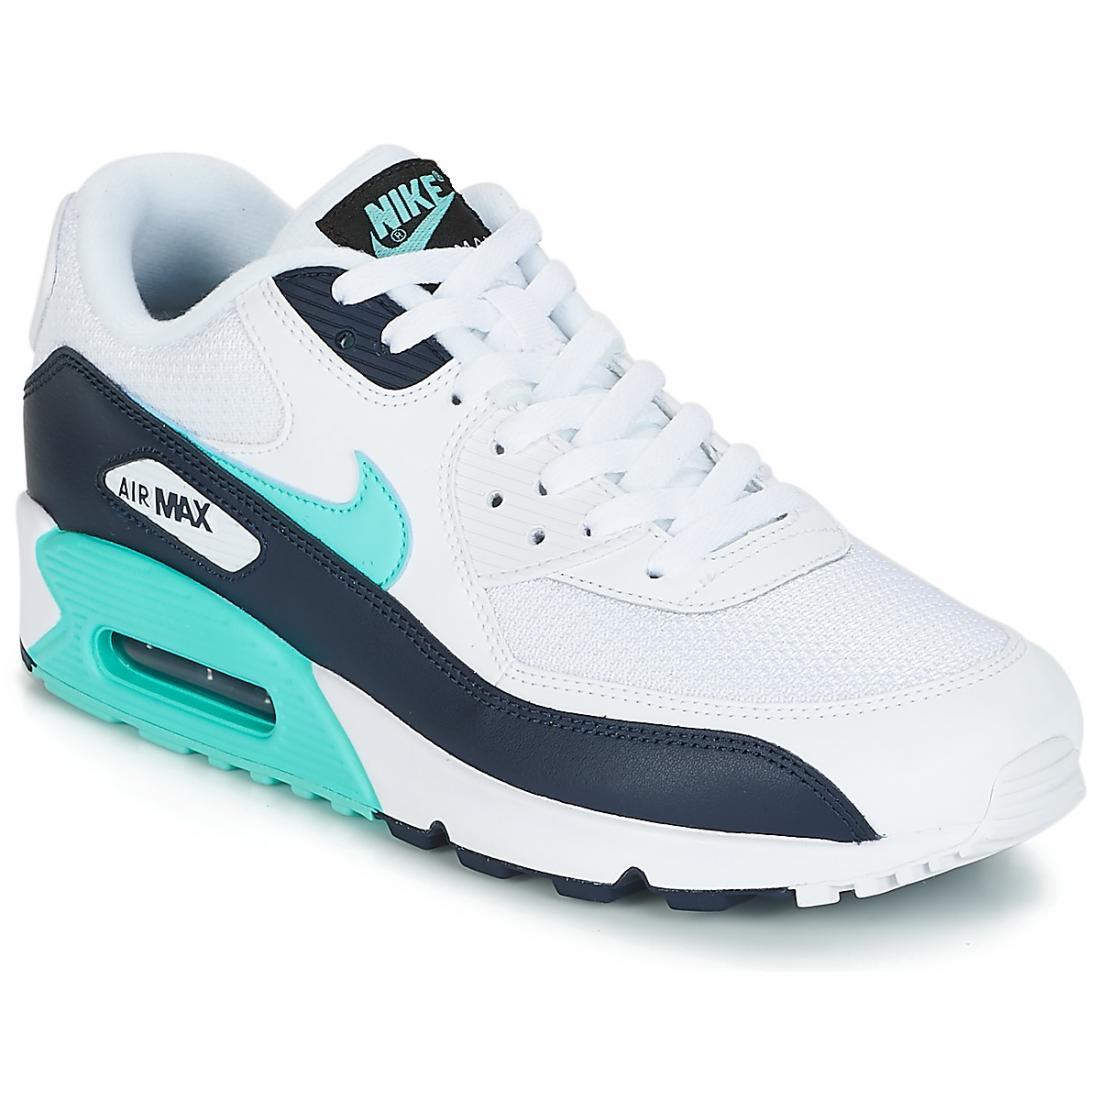 air max 90 essential blanche et bleu homme,Nike Air Max 90 Essential blanche et bleue Chaussures Baskets